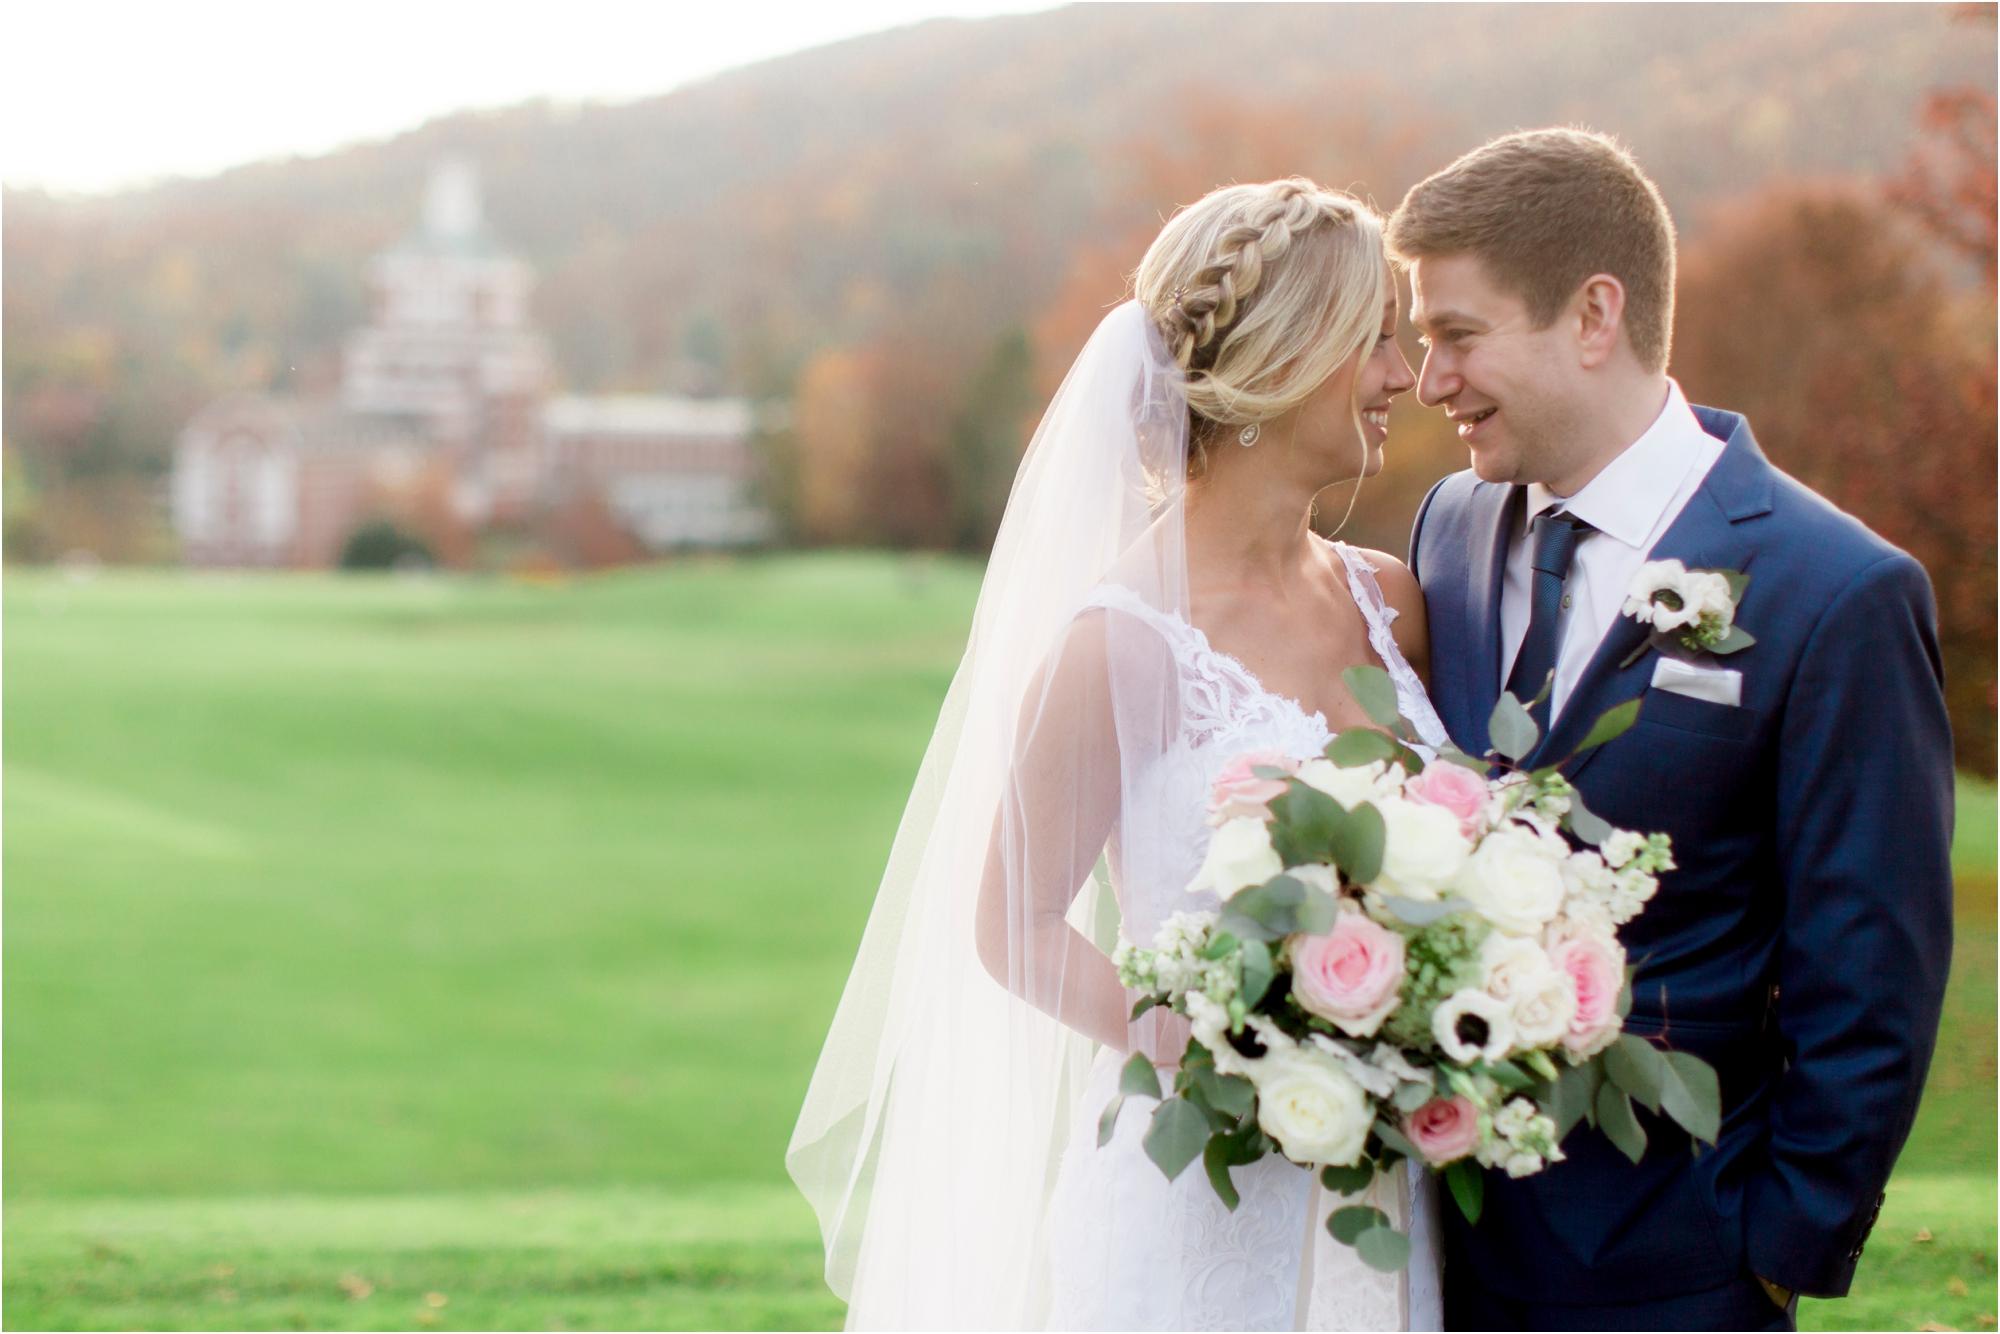 brooke-ilya-fall-virginia-omni-homestead-resort-wedding-photos_0045.jpg